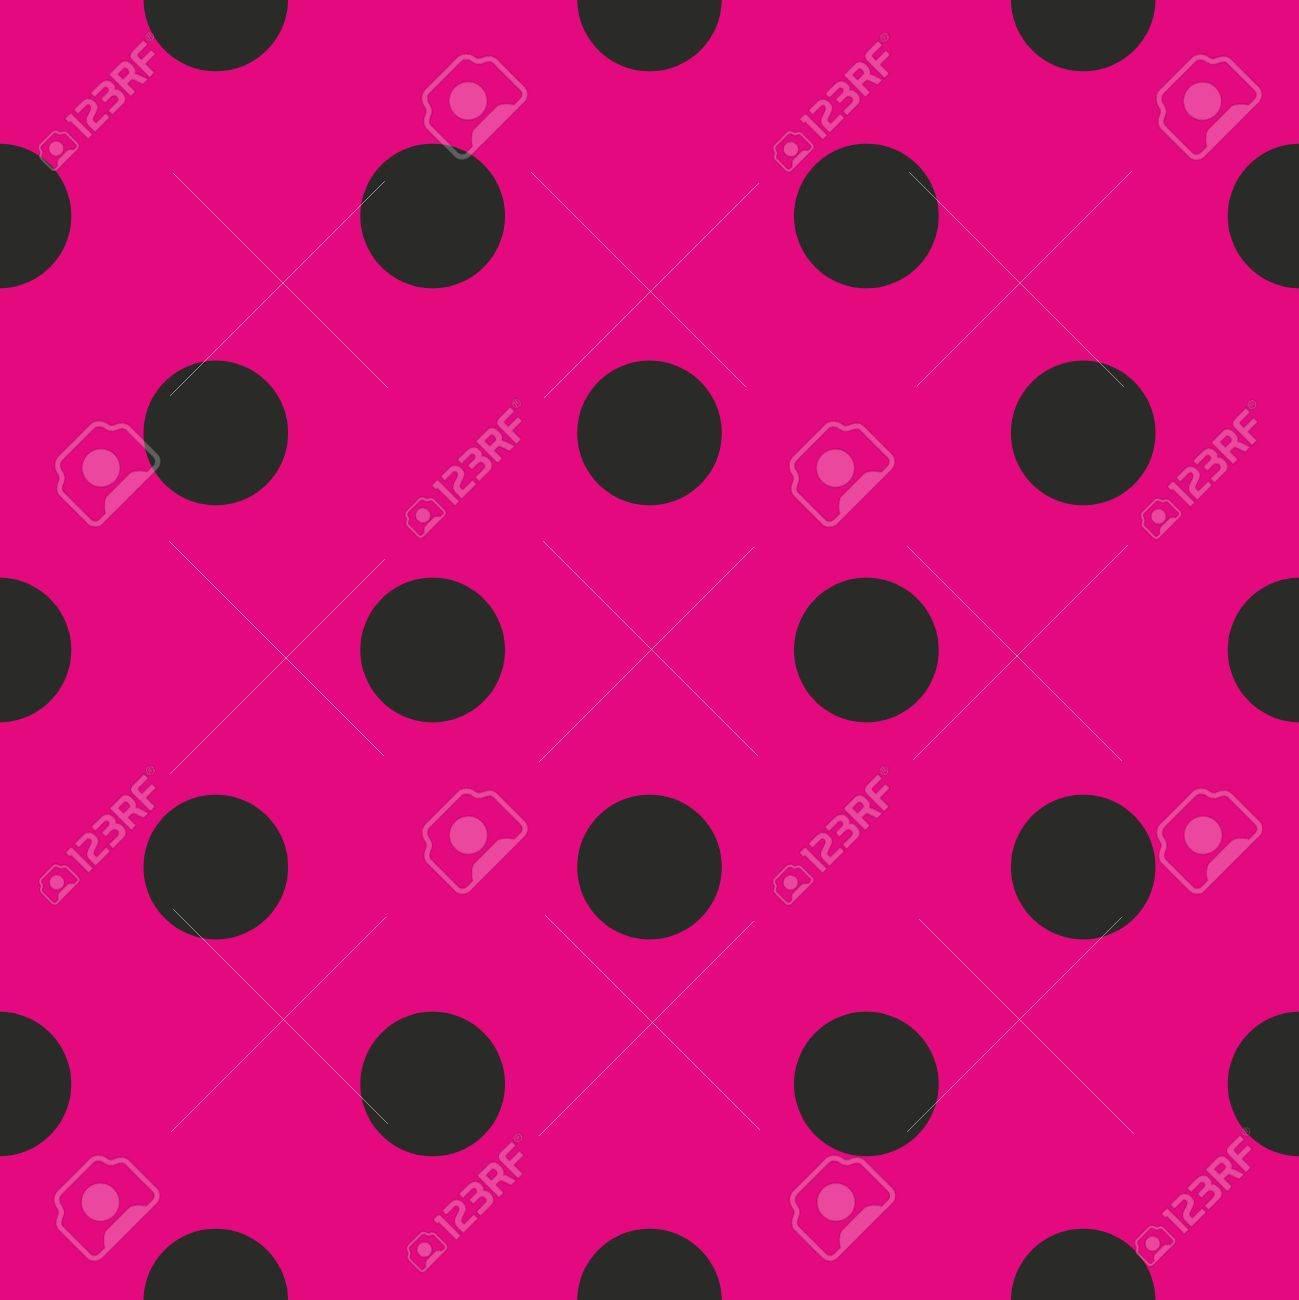 Sin Fisuras Vector Patrón O La Textura Con Lunares Negros Sobre Fondo De Color Rosa Neón Para Las Tarjetas Invitaciones Páginas Web De Escritorio